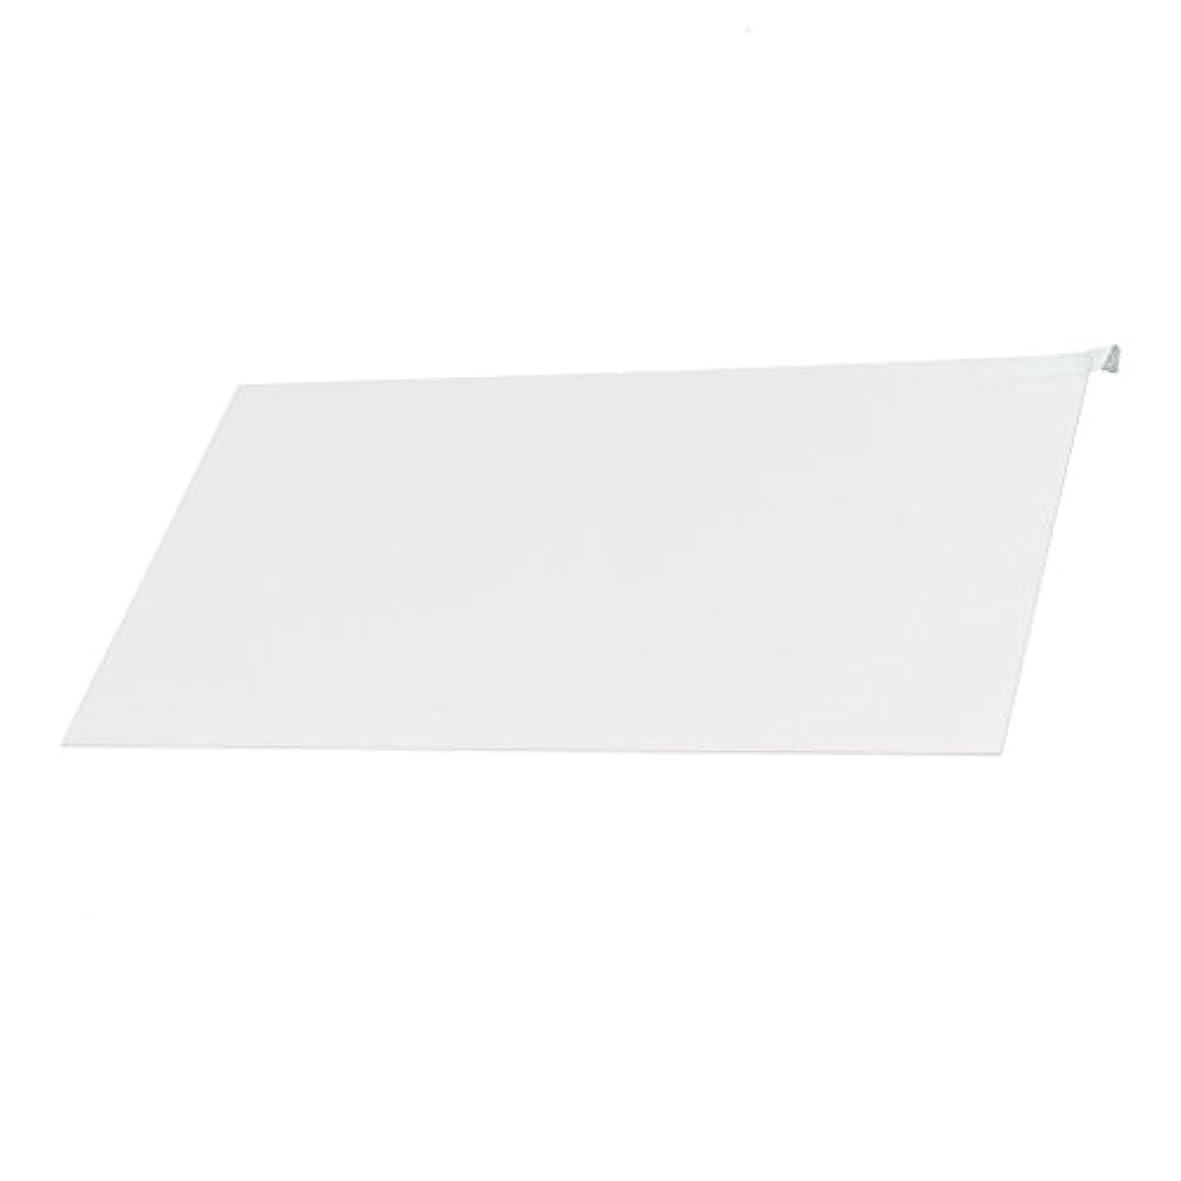 寛解納税者町SONONIA  MacBook11.6インチ用 9H 強化ガラス スクリーンフィルム 指紋防止